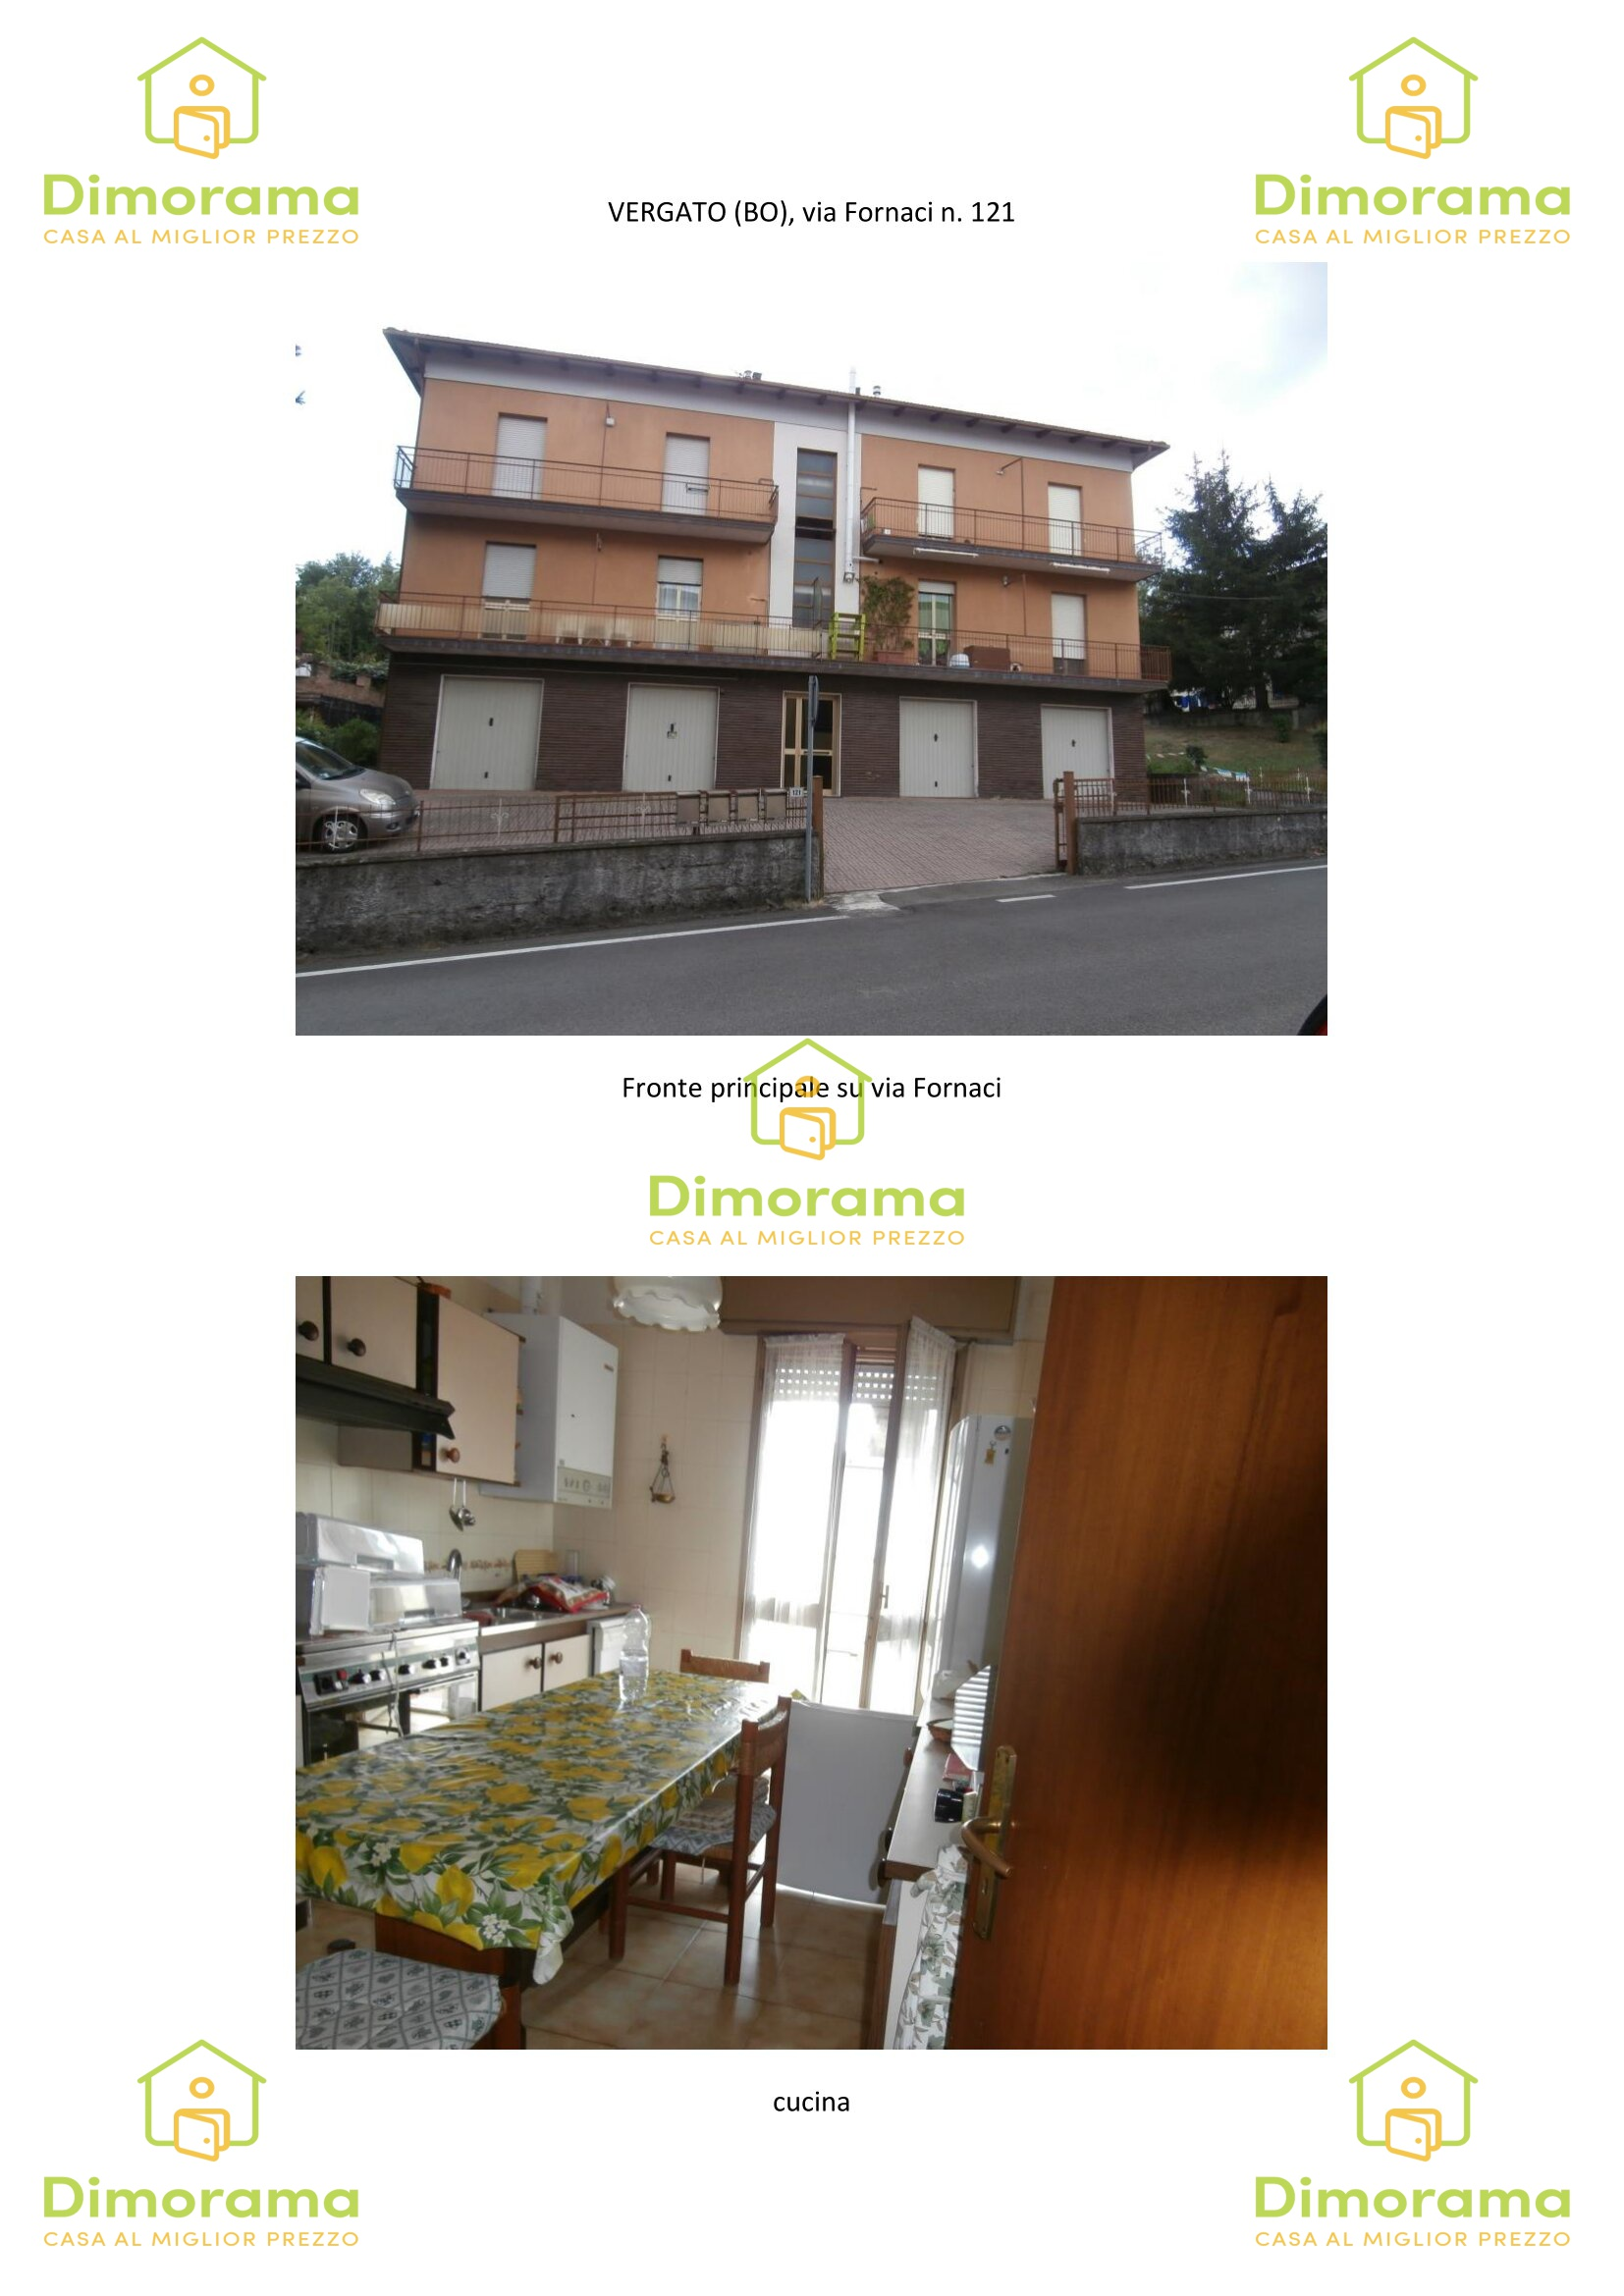 Appartamento, via Fornaci, 121, 0, Vendita - Vergato